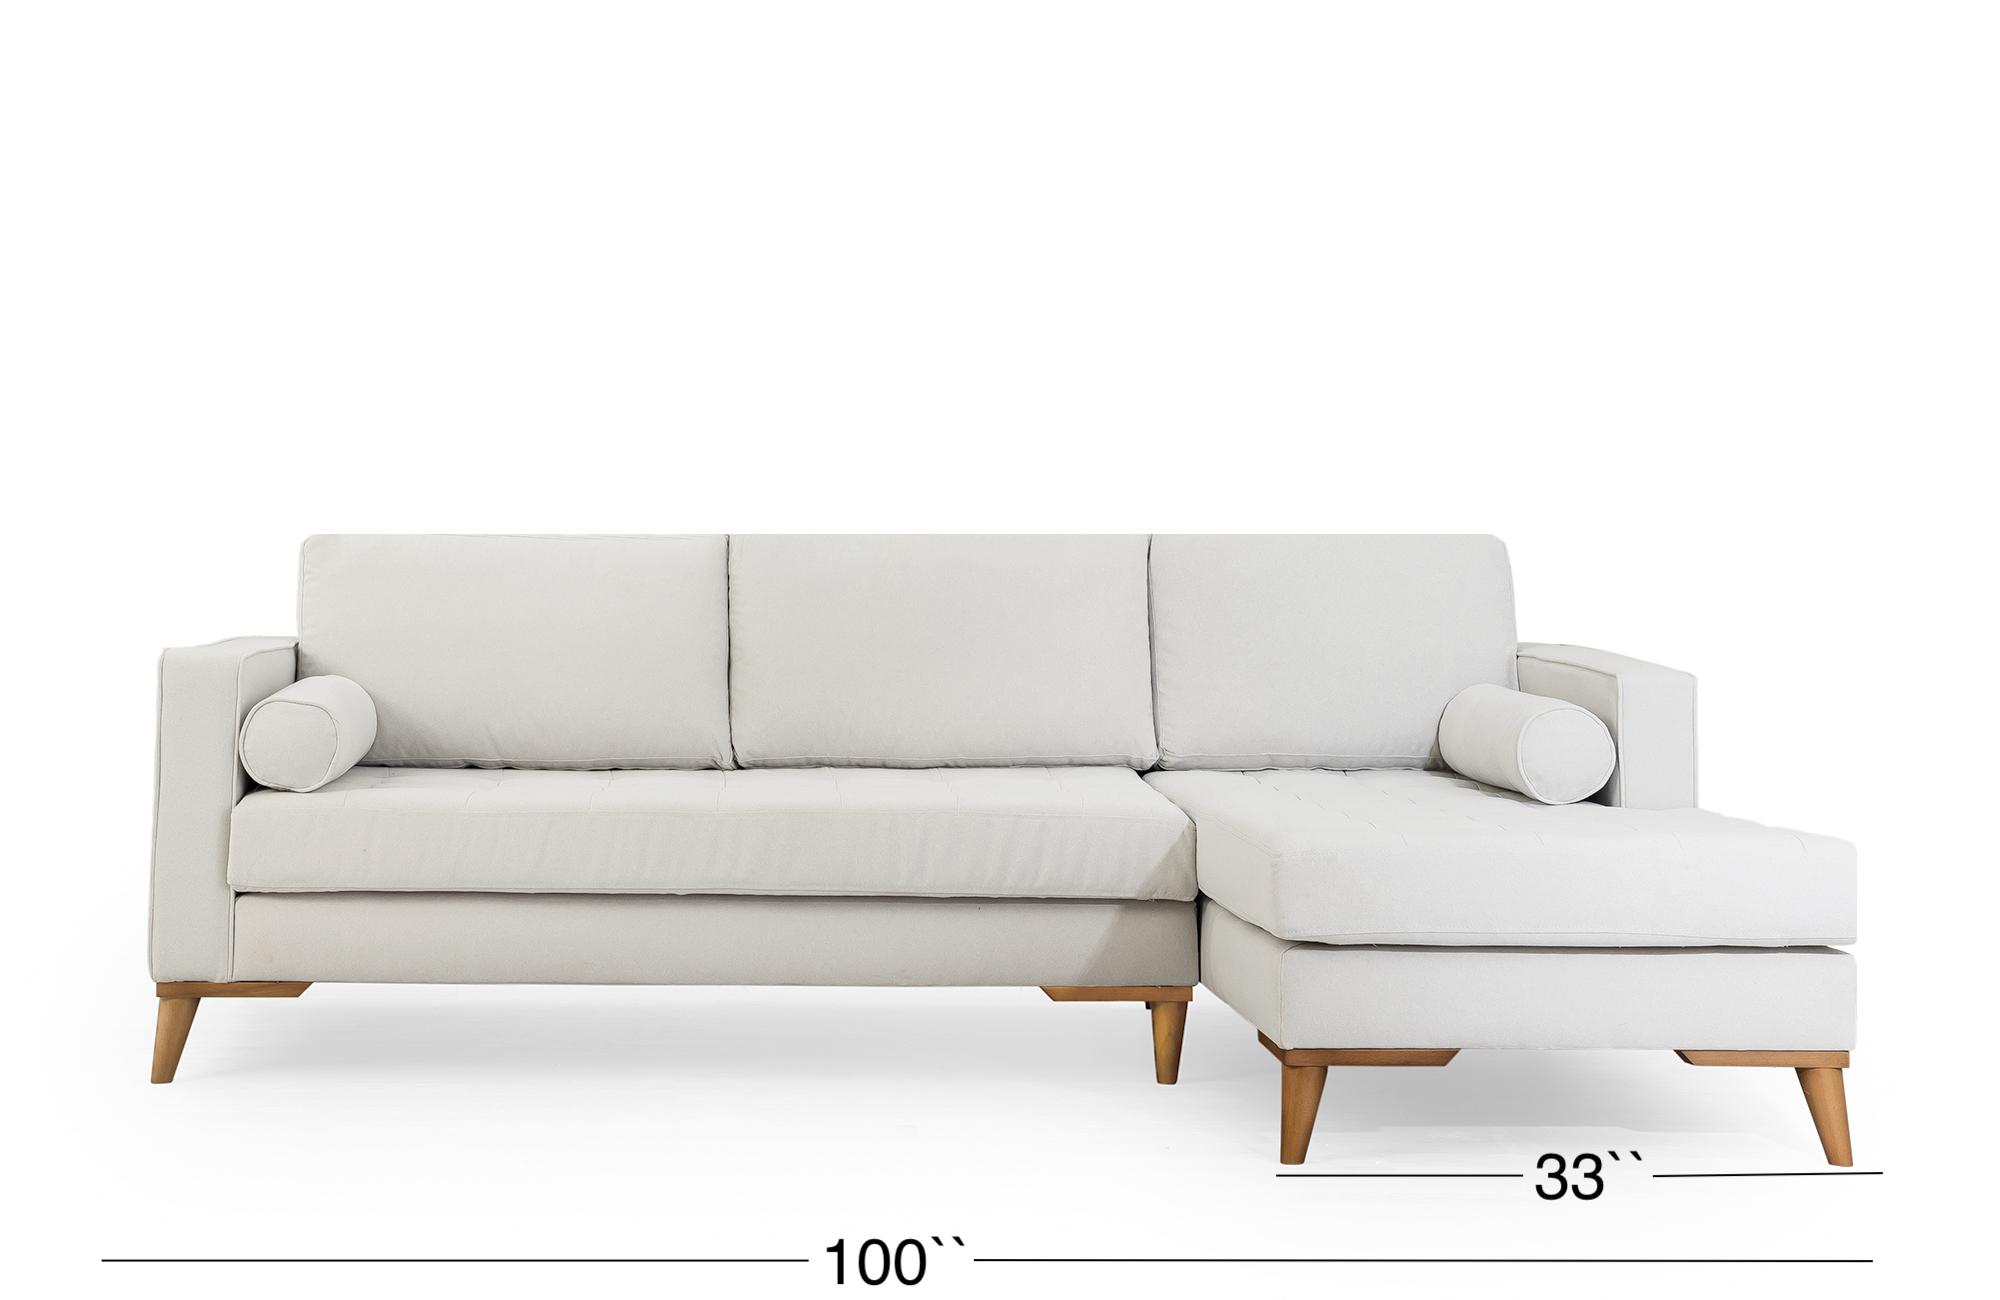 Midtown Sectional Sofa - Cloud Gray